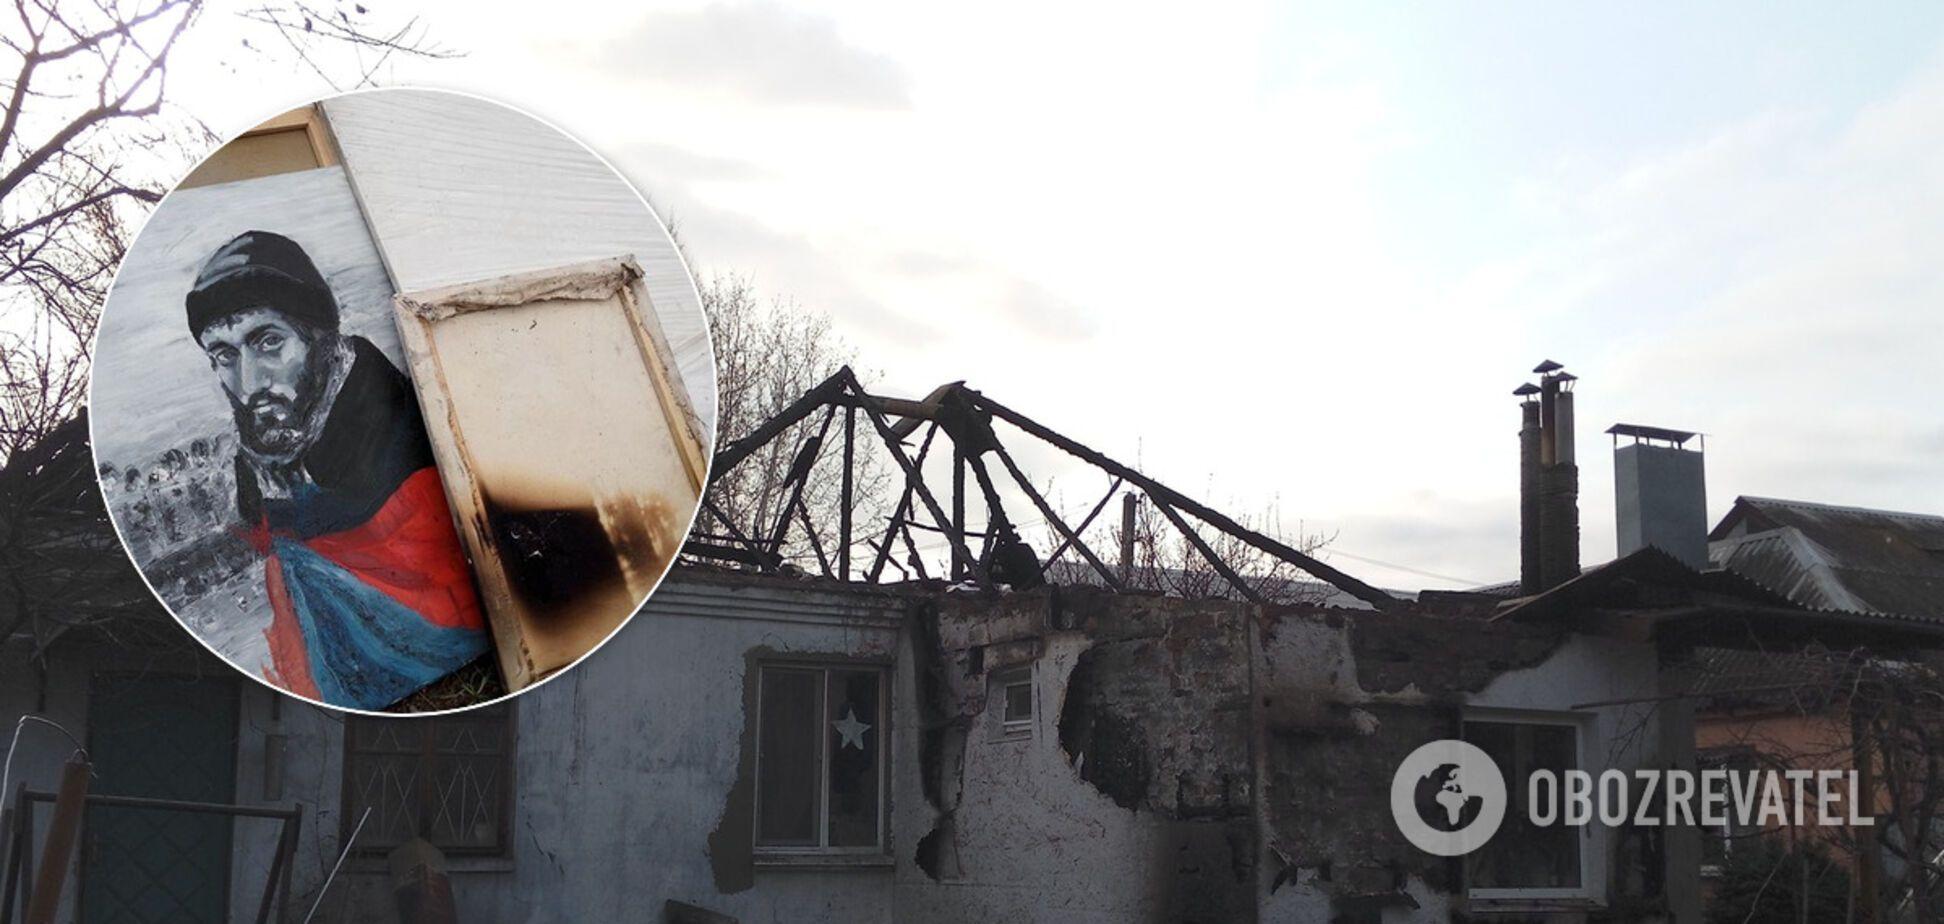 У Пианиста Майдана сгорел дом: фото и реквизиты для помощи